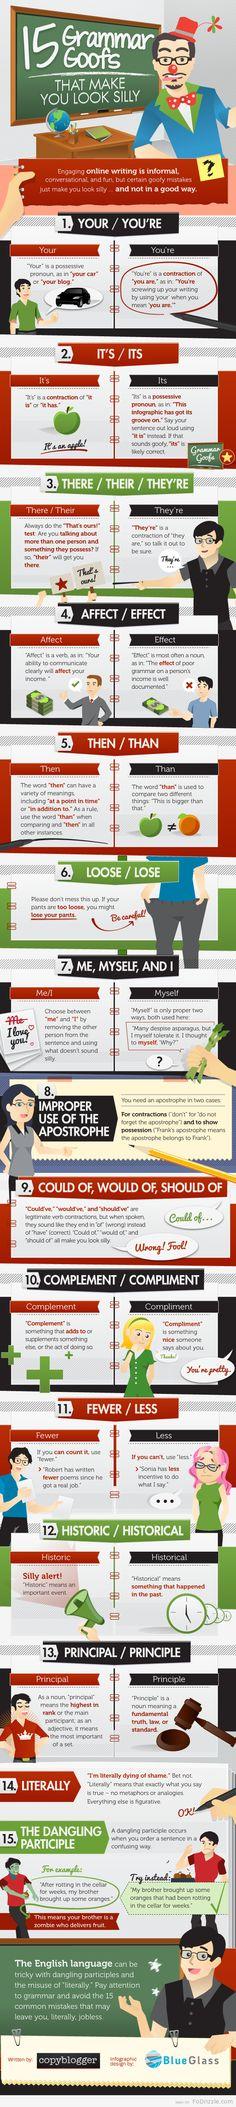 Common sense grammer use (somteimes not so common!)